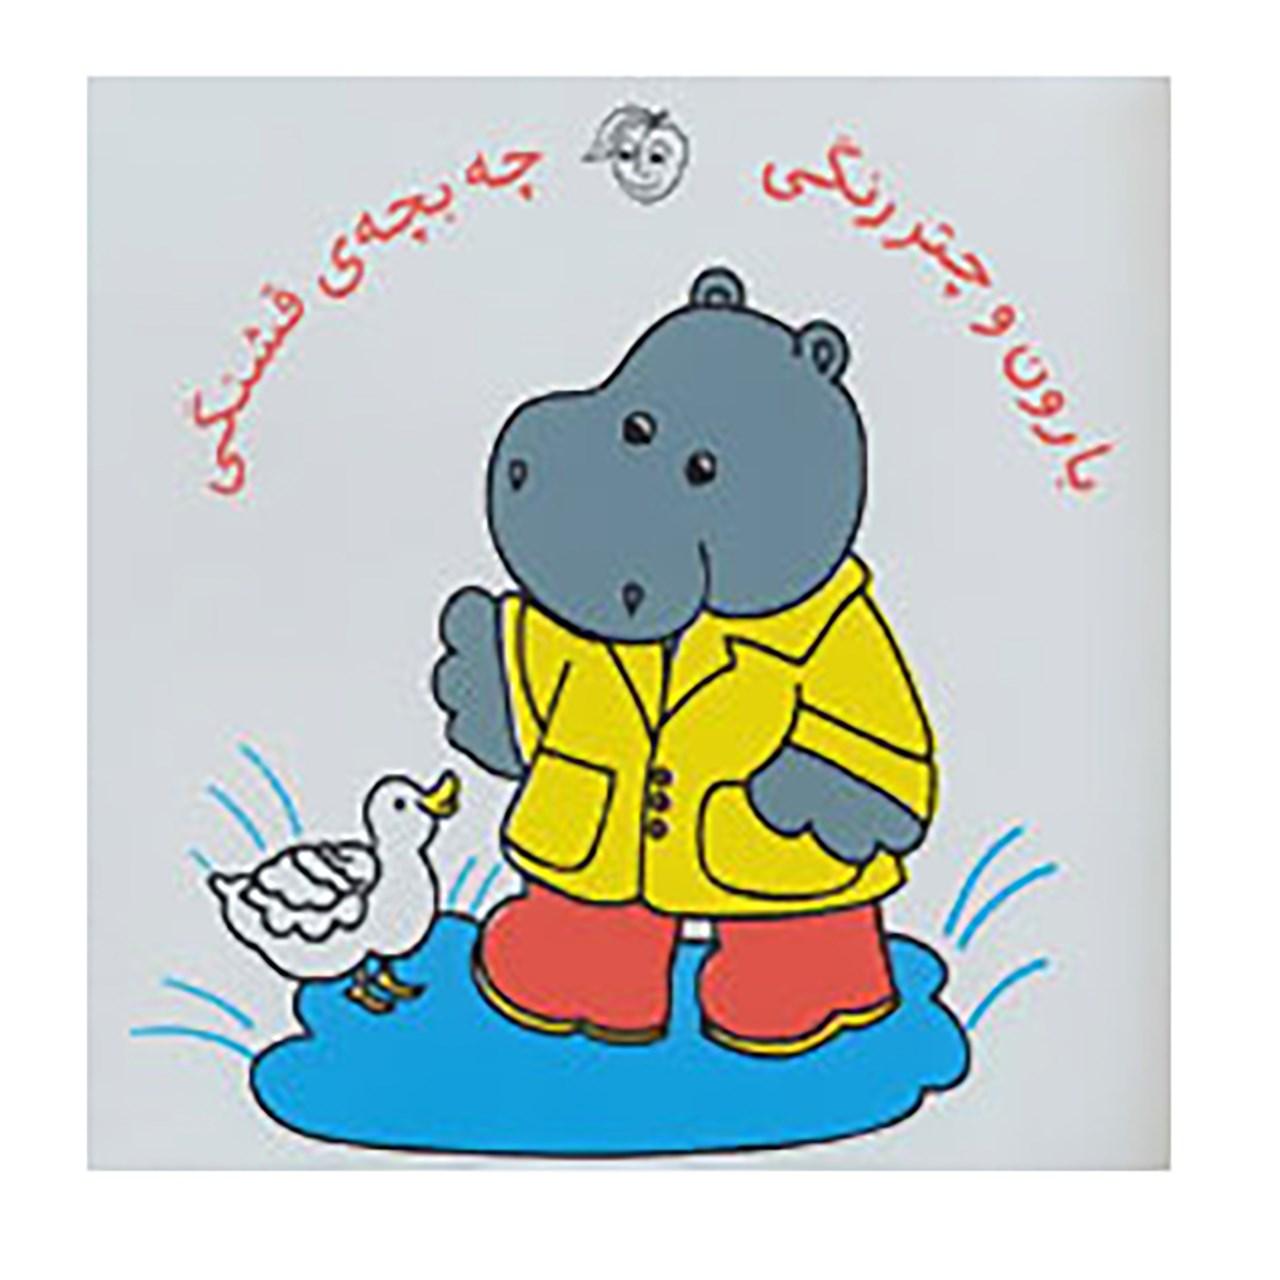 کتاب کتاب حمام بارون و چتر رنگی چه بچه ی قشنگی اثر رودابه حمزه ای